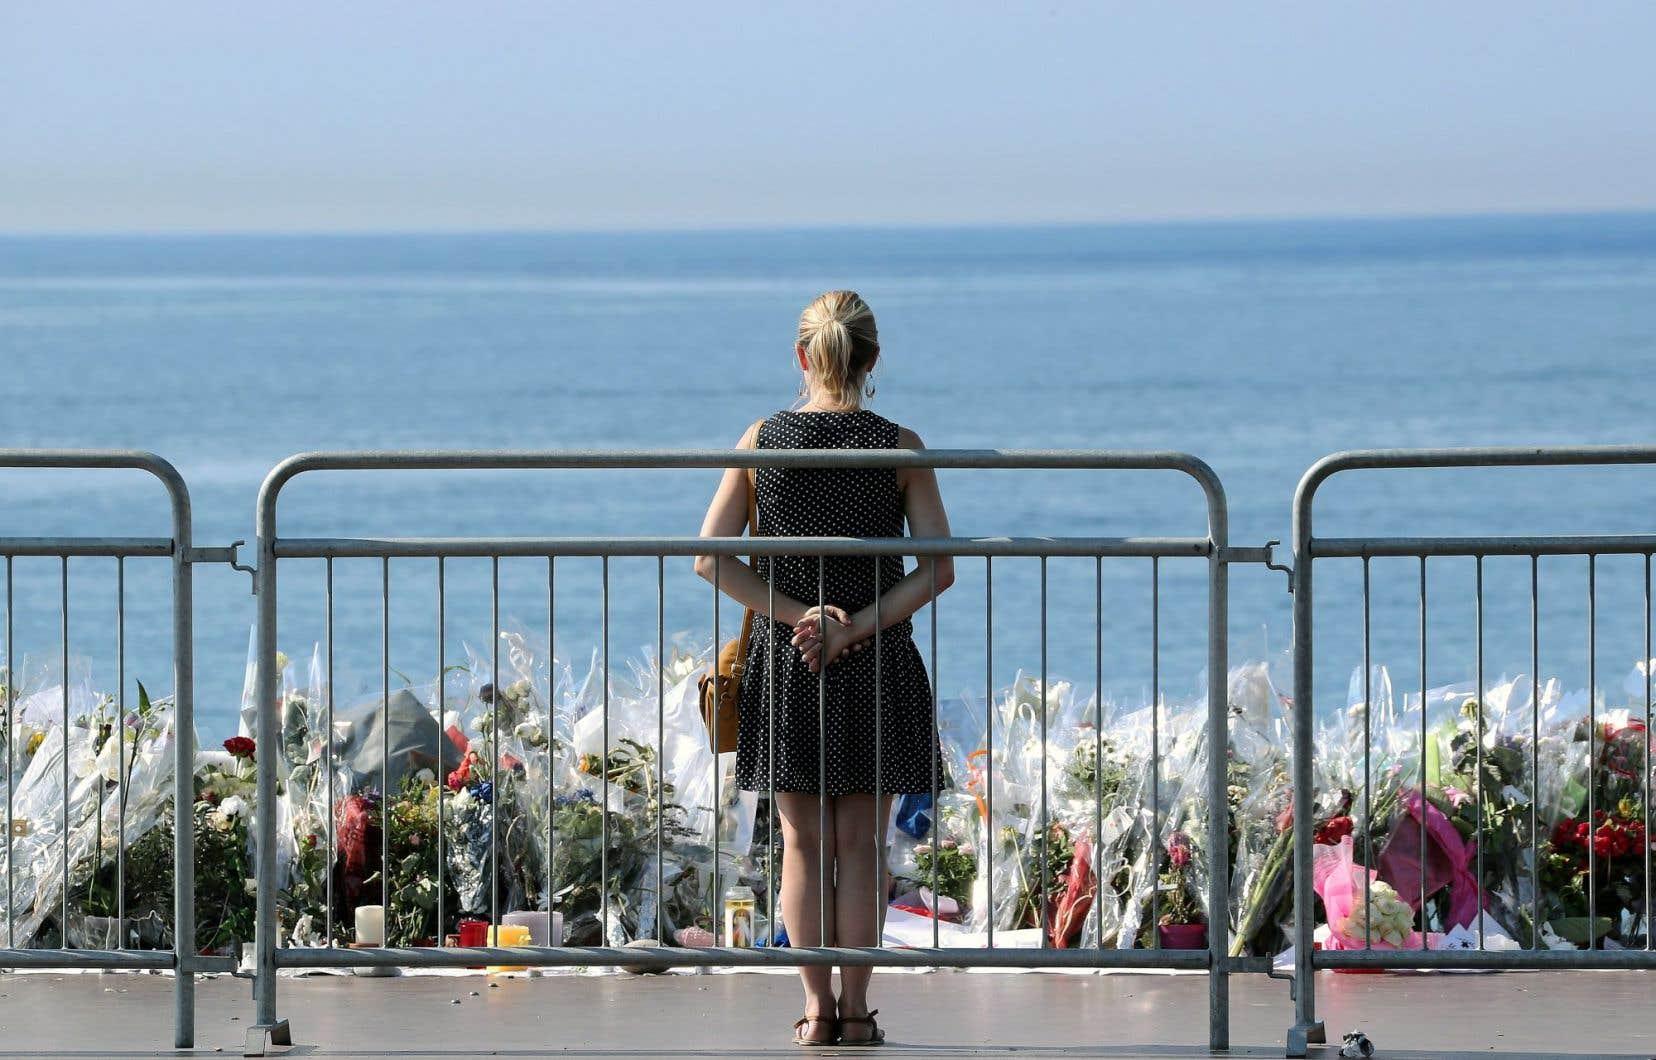 Un lieu de recueillement a été aménagé non loin de la promenade des Anglais, où a eu lieu l'attentat survenu à Nice le 14juillet.